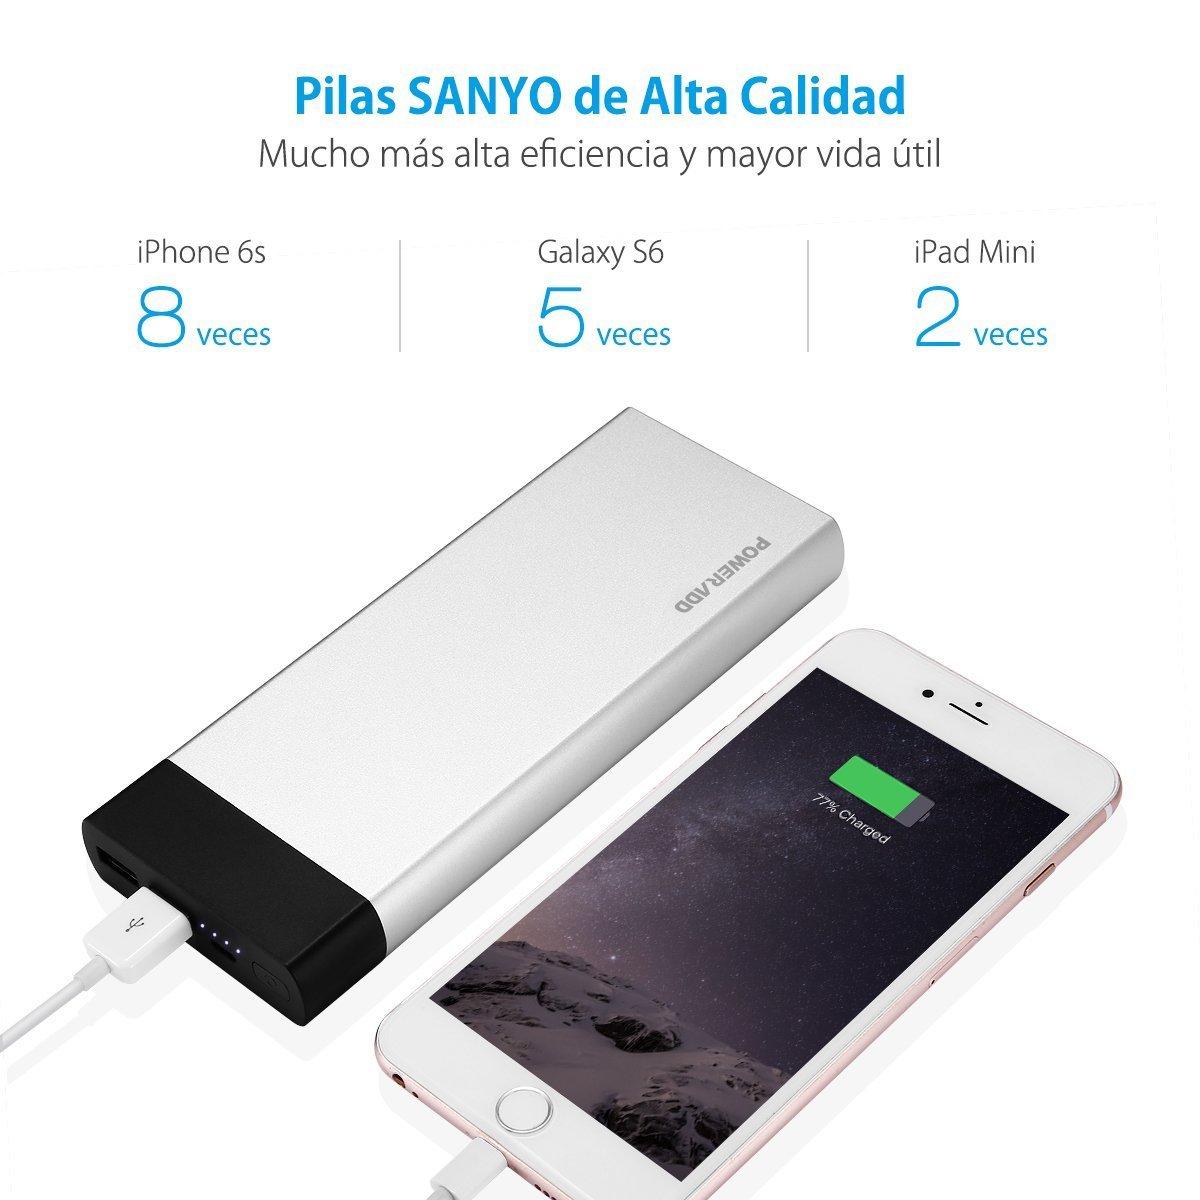 Poweradd Pilot 5GS 20000mAh Batería Externa Cargador Portátil para ipad, iPhone 6/6s/6 plus/6s plus, iPad, Dispositivos Android, Teléfonos Móviles, Tableta y Más Reciente iphone7/7 plus Color: Plateado